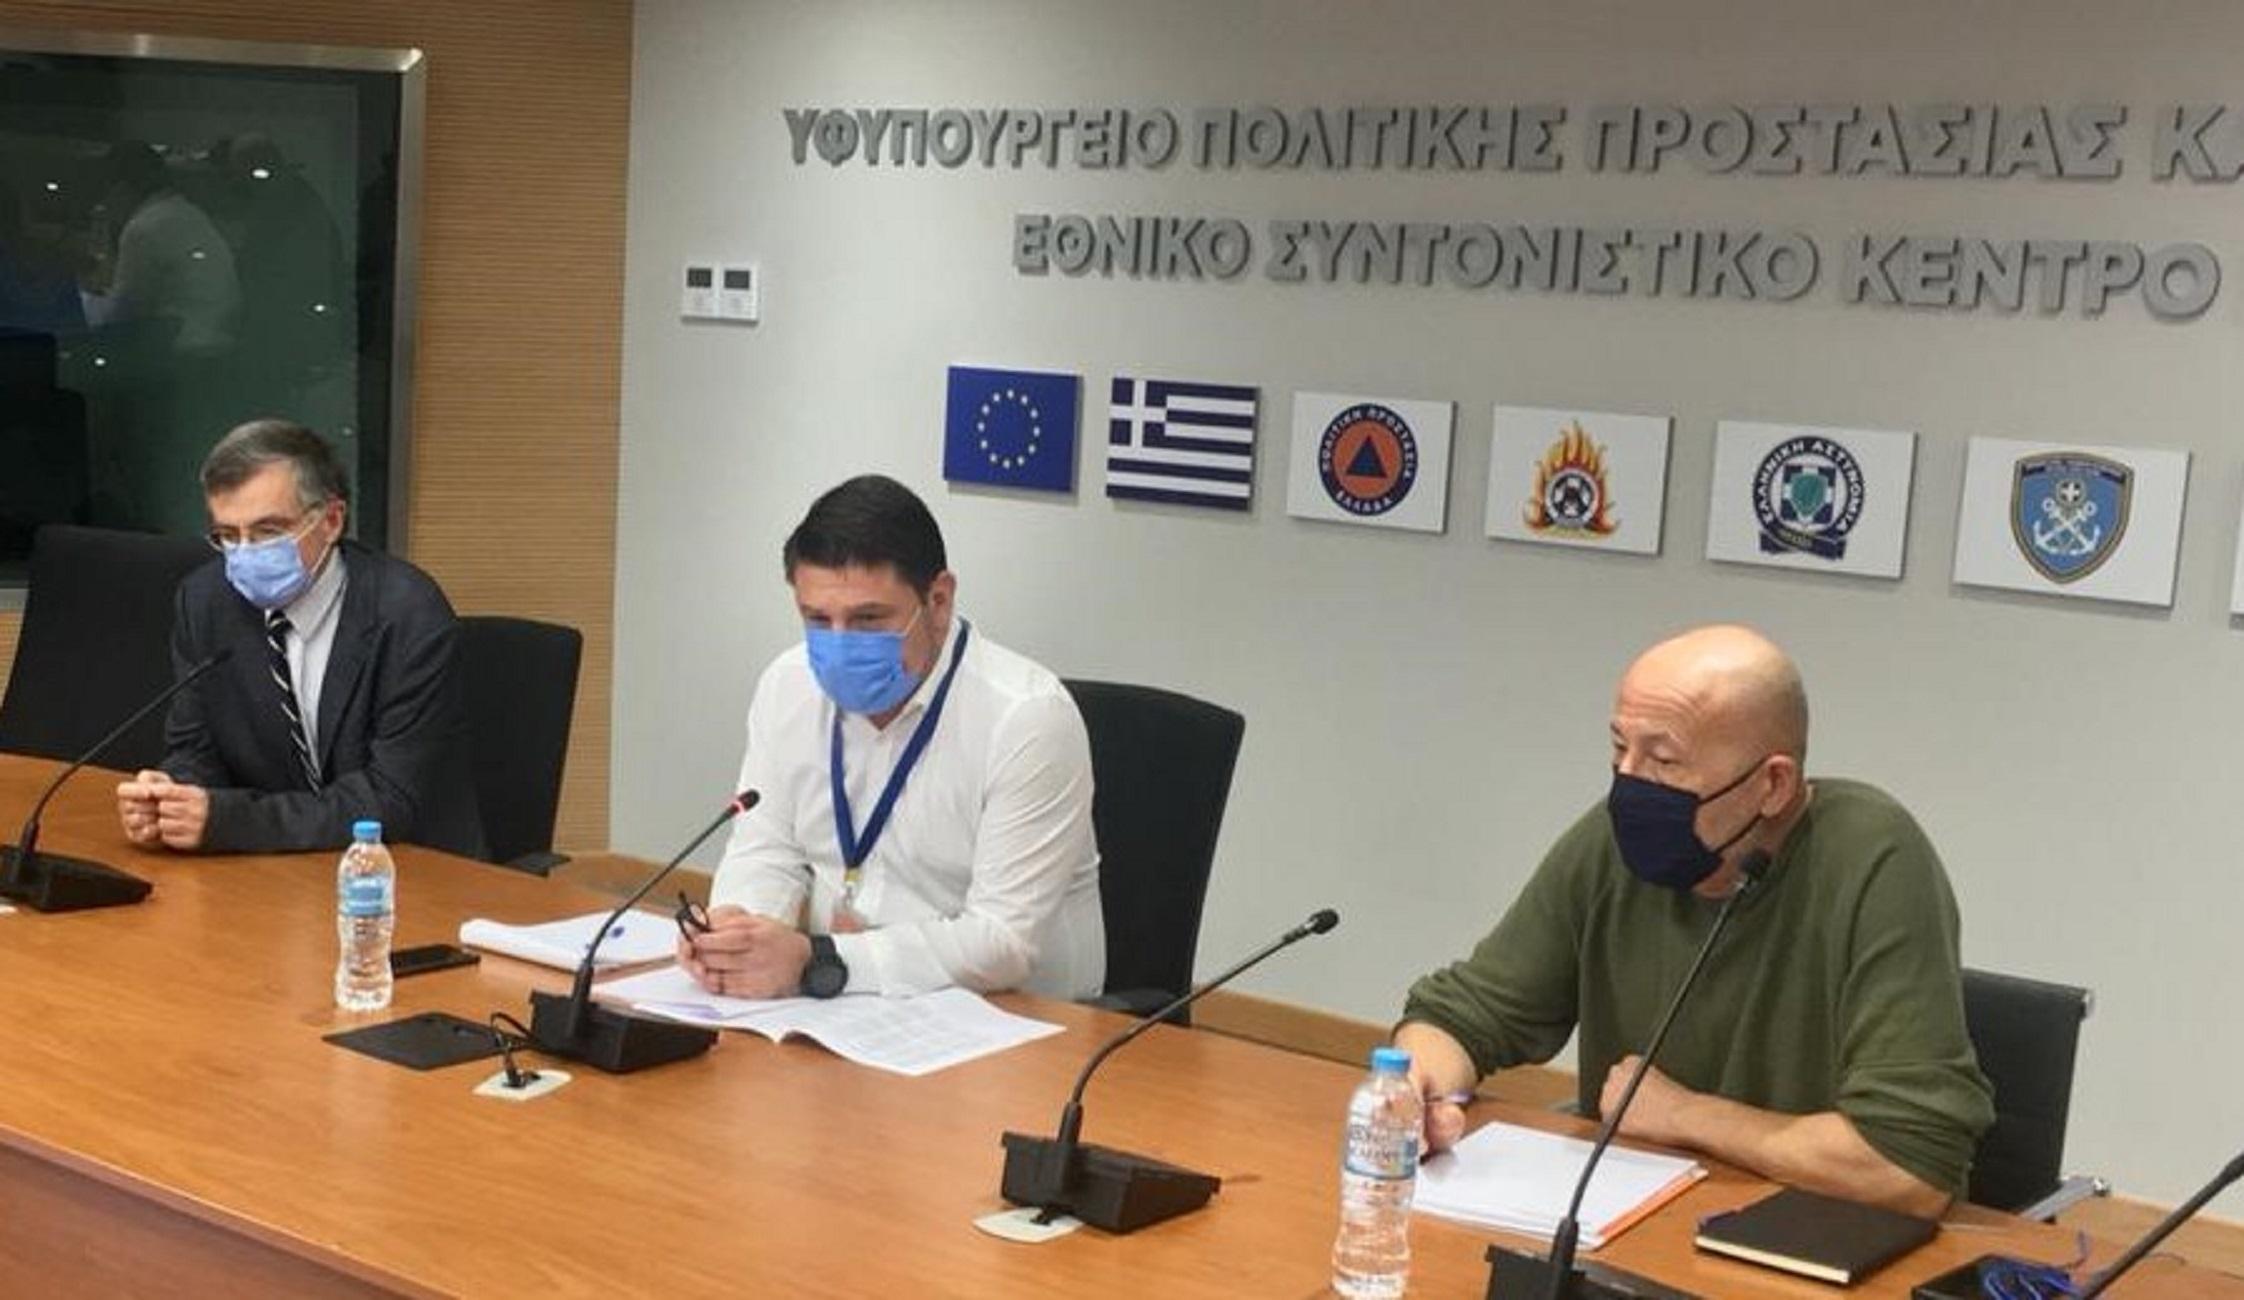 """Πολιτική Προστασία: Ευρεία τηλεδιάσκεψη για 6 περιοχές που είναι στο """"κόκκινο"""""""